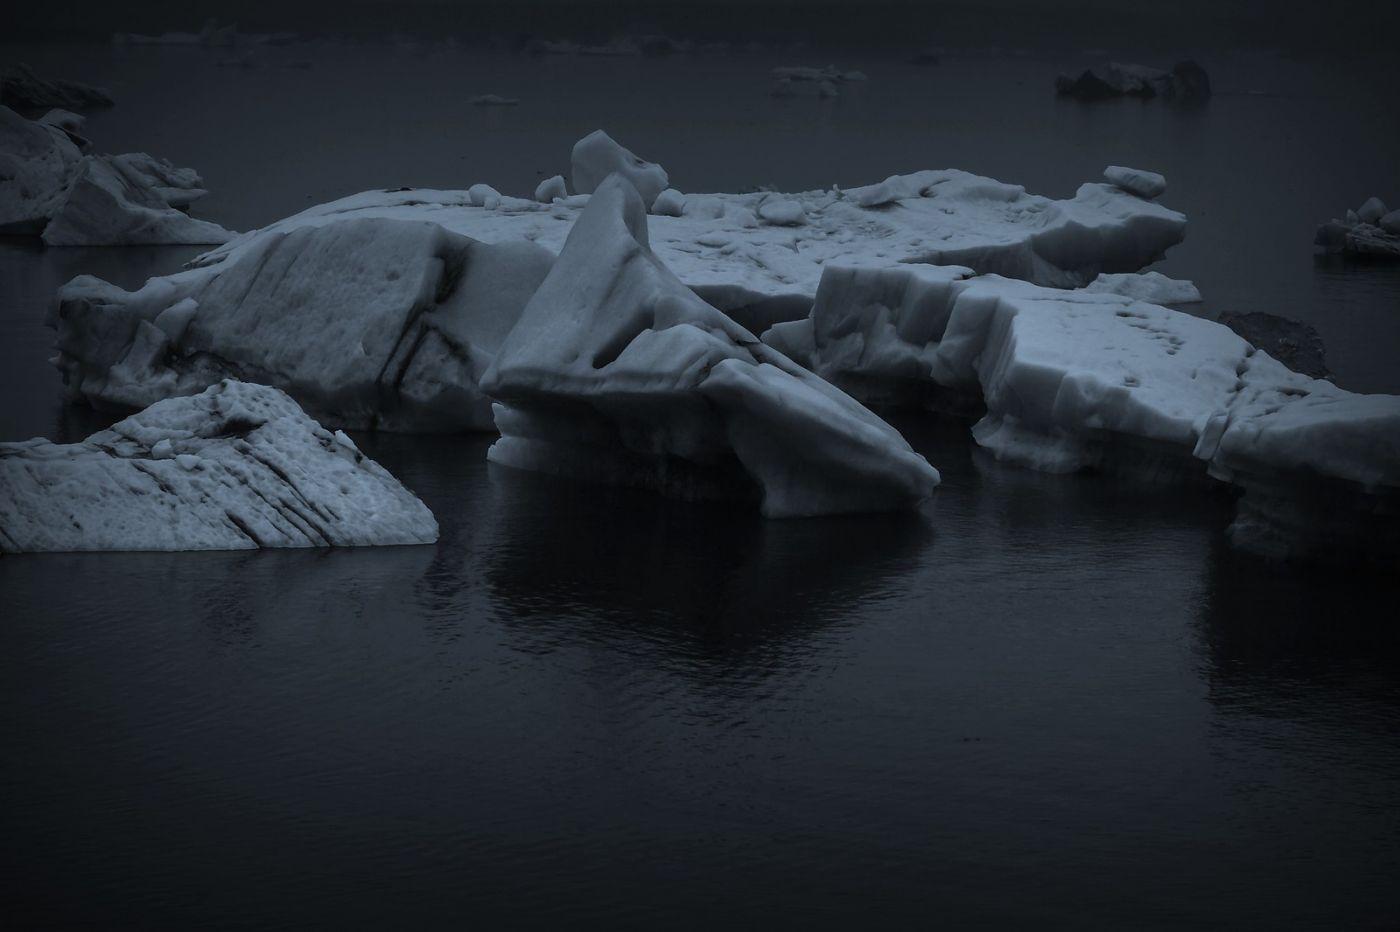 冰岛冰川泻湖(Glacier Lagoon), 湖面上冰川_图1-19